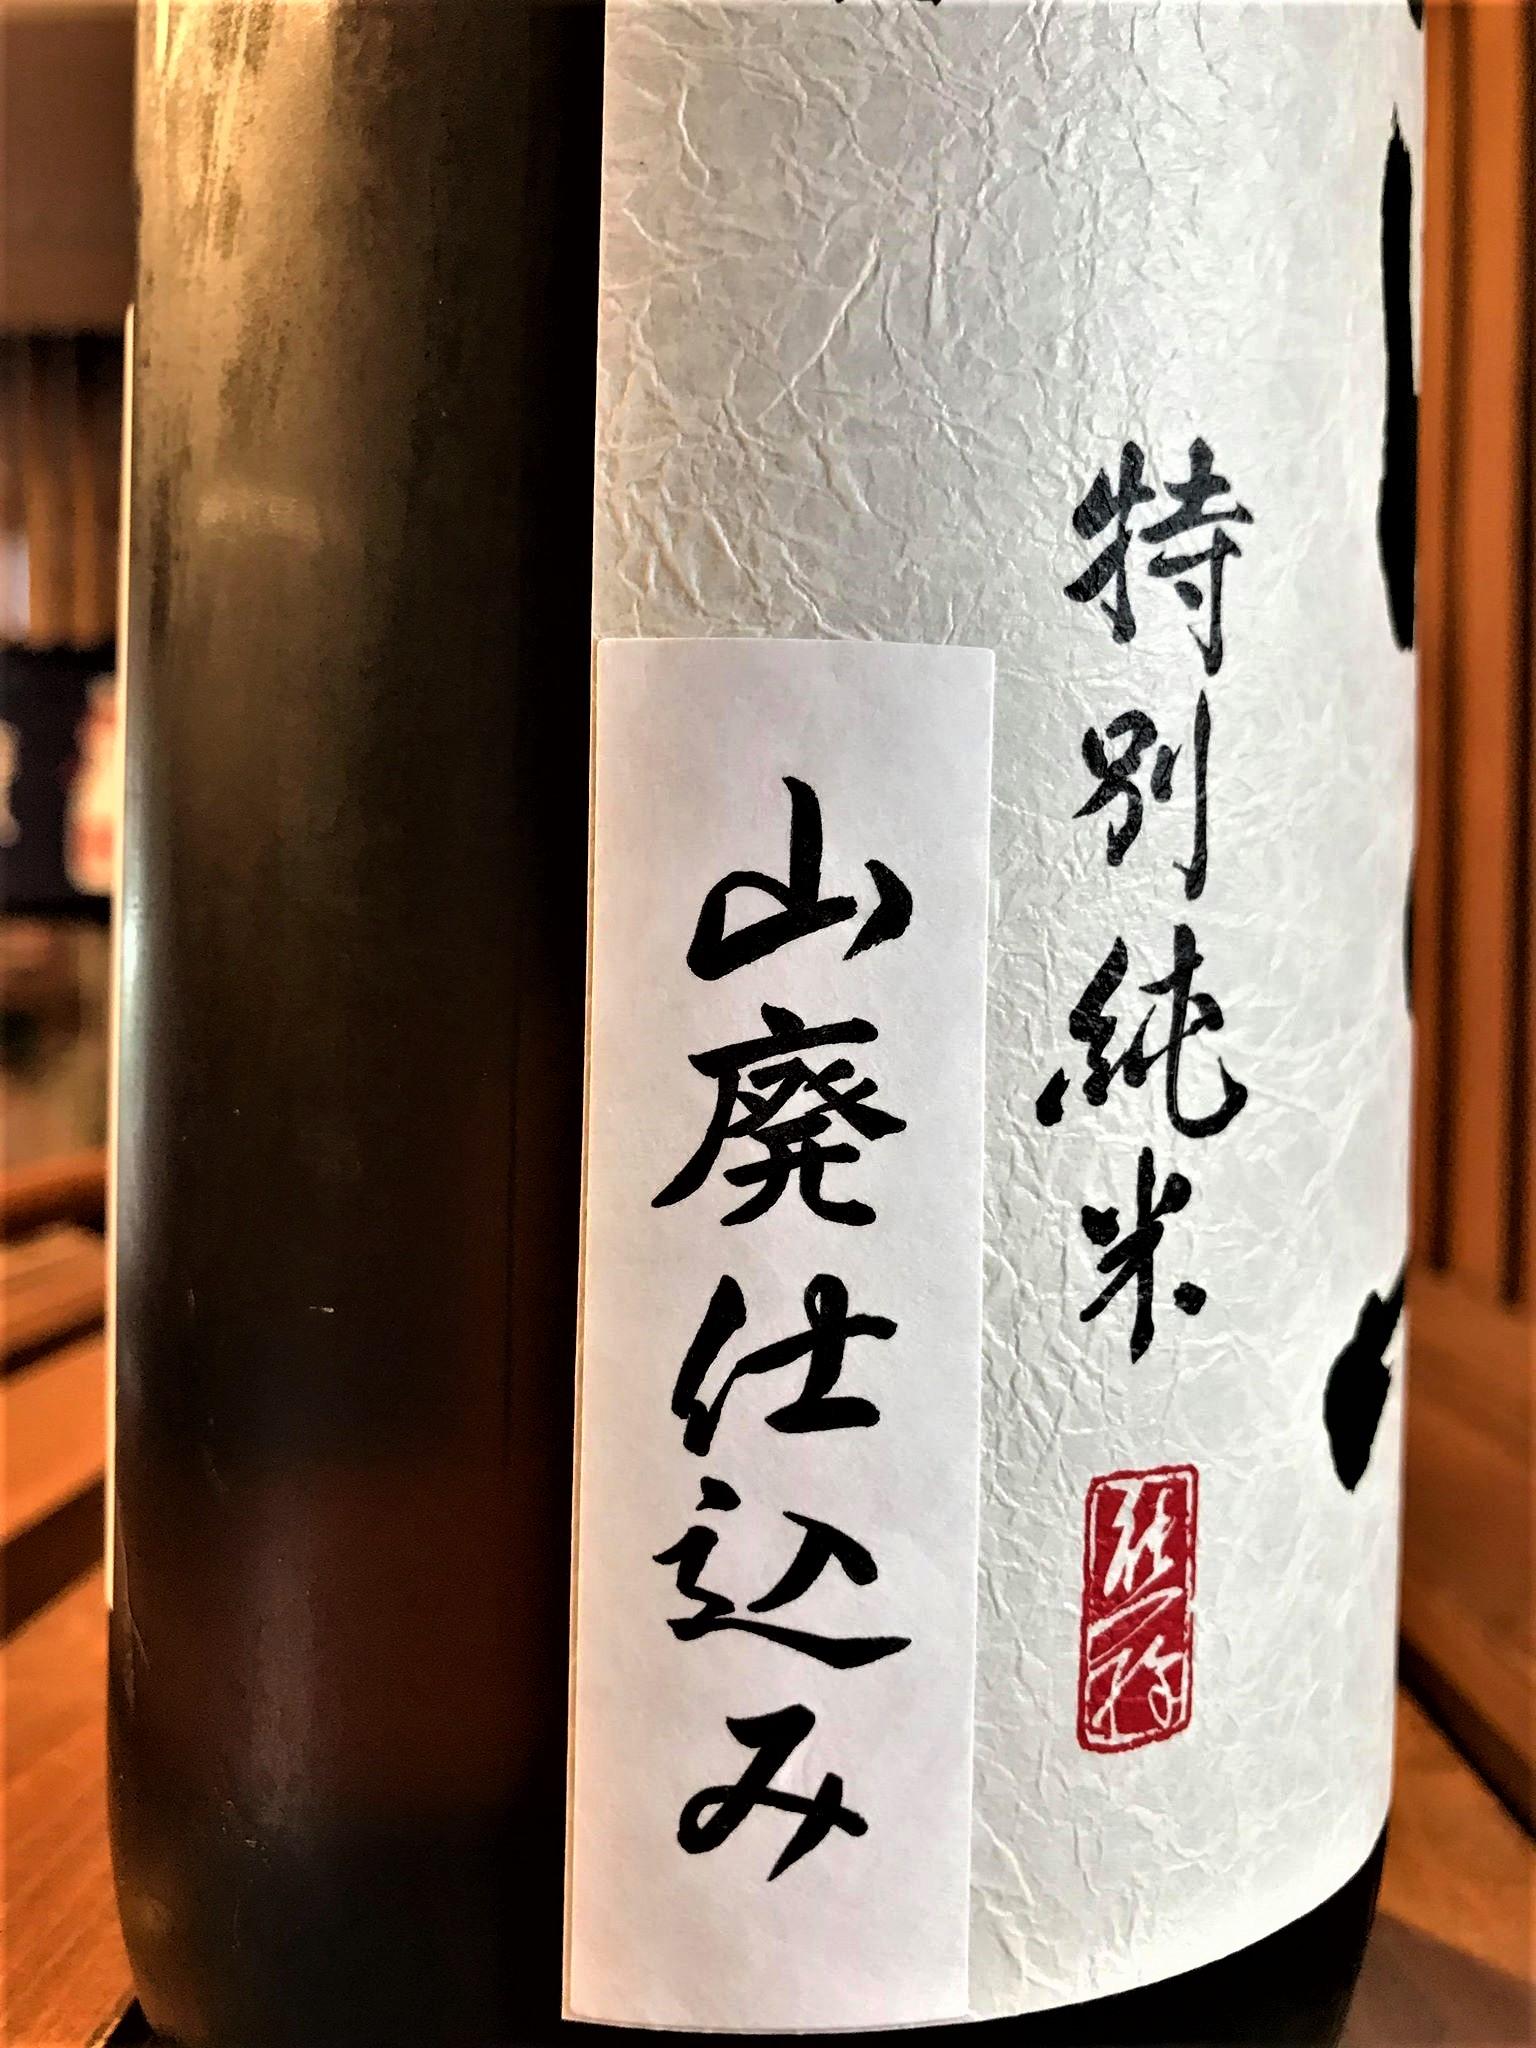 【日本酒】南方 山廃仕込み 特別純米 無濾過生原酒 蔵元氷温熟成SPver 若水55磨き 限定 26BY🆕_e0173738_13165453.jpg